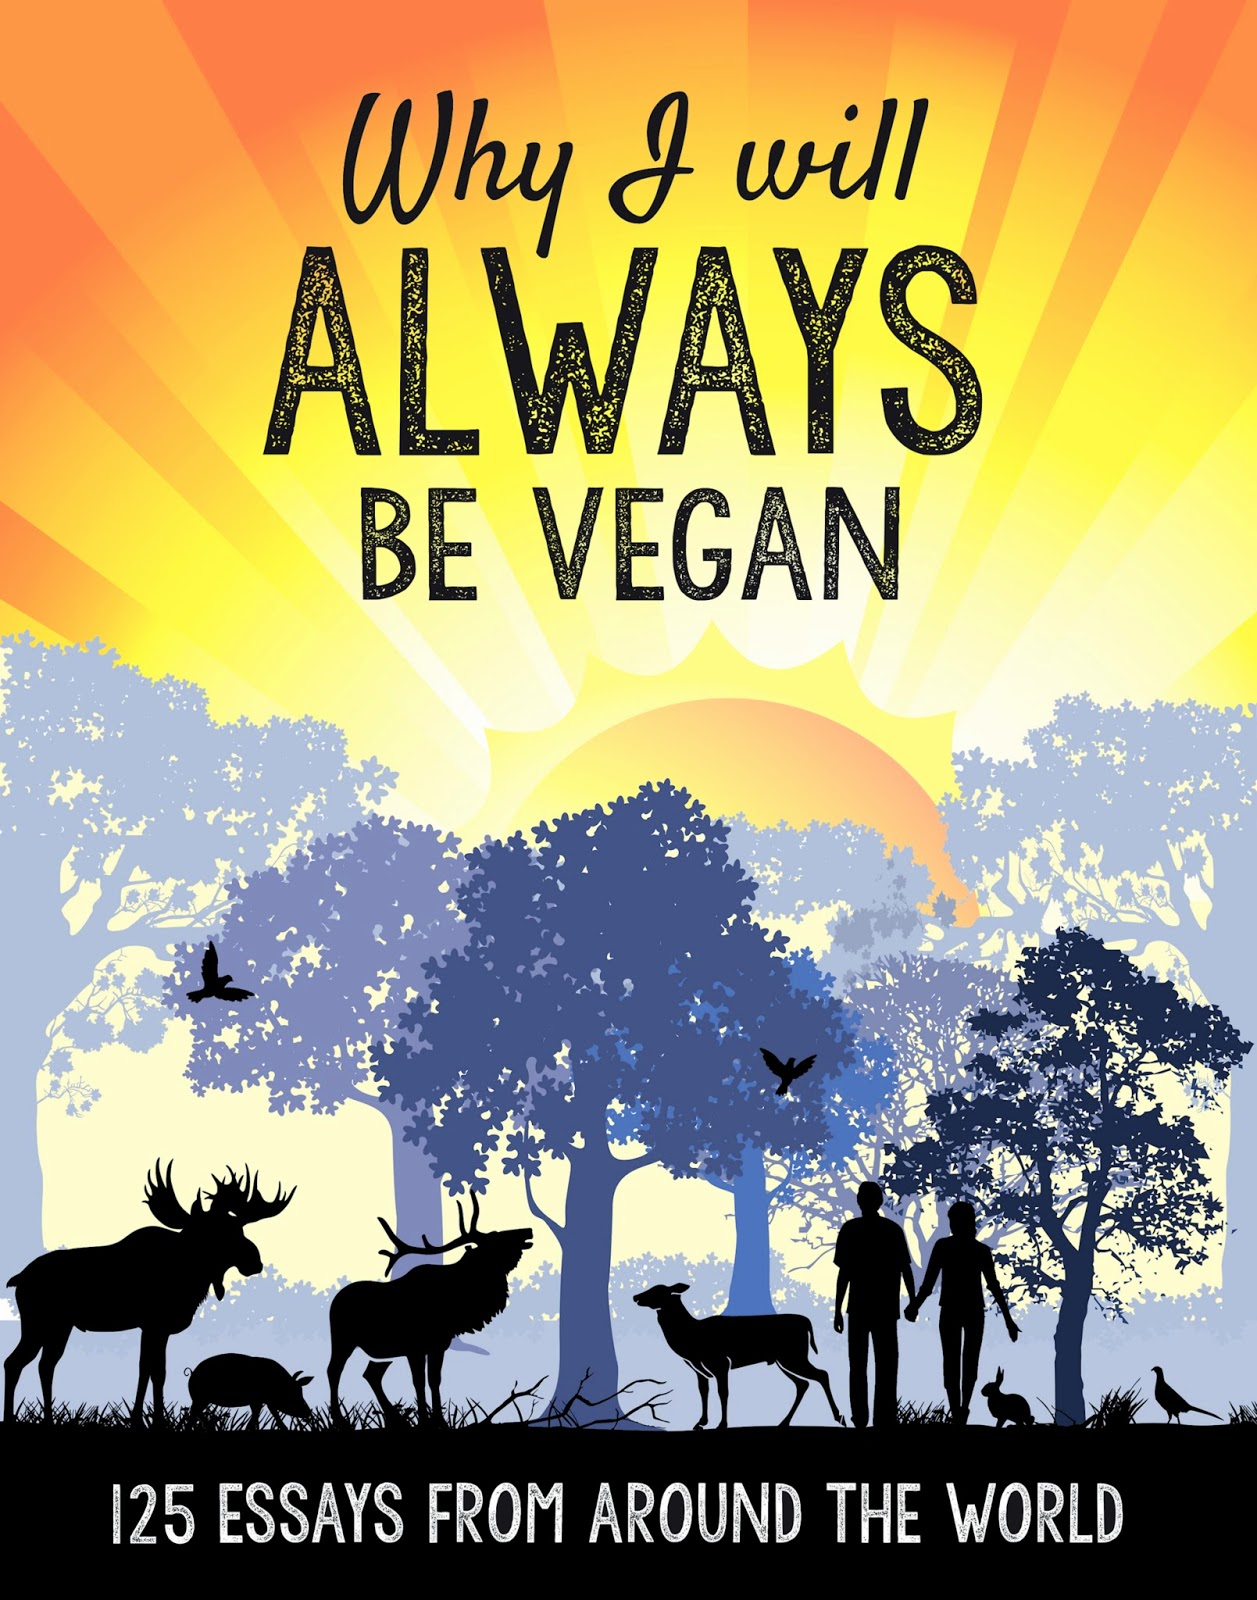 veganism essay